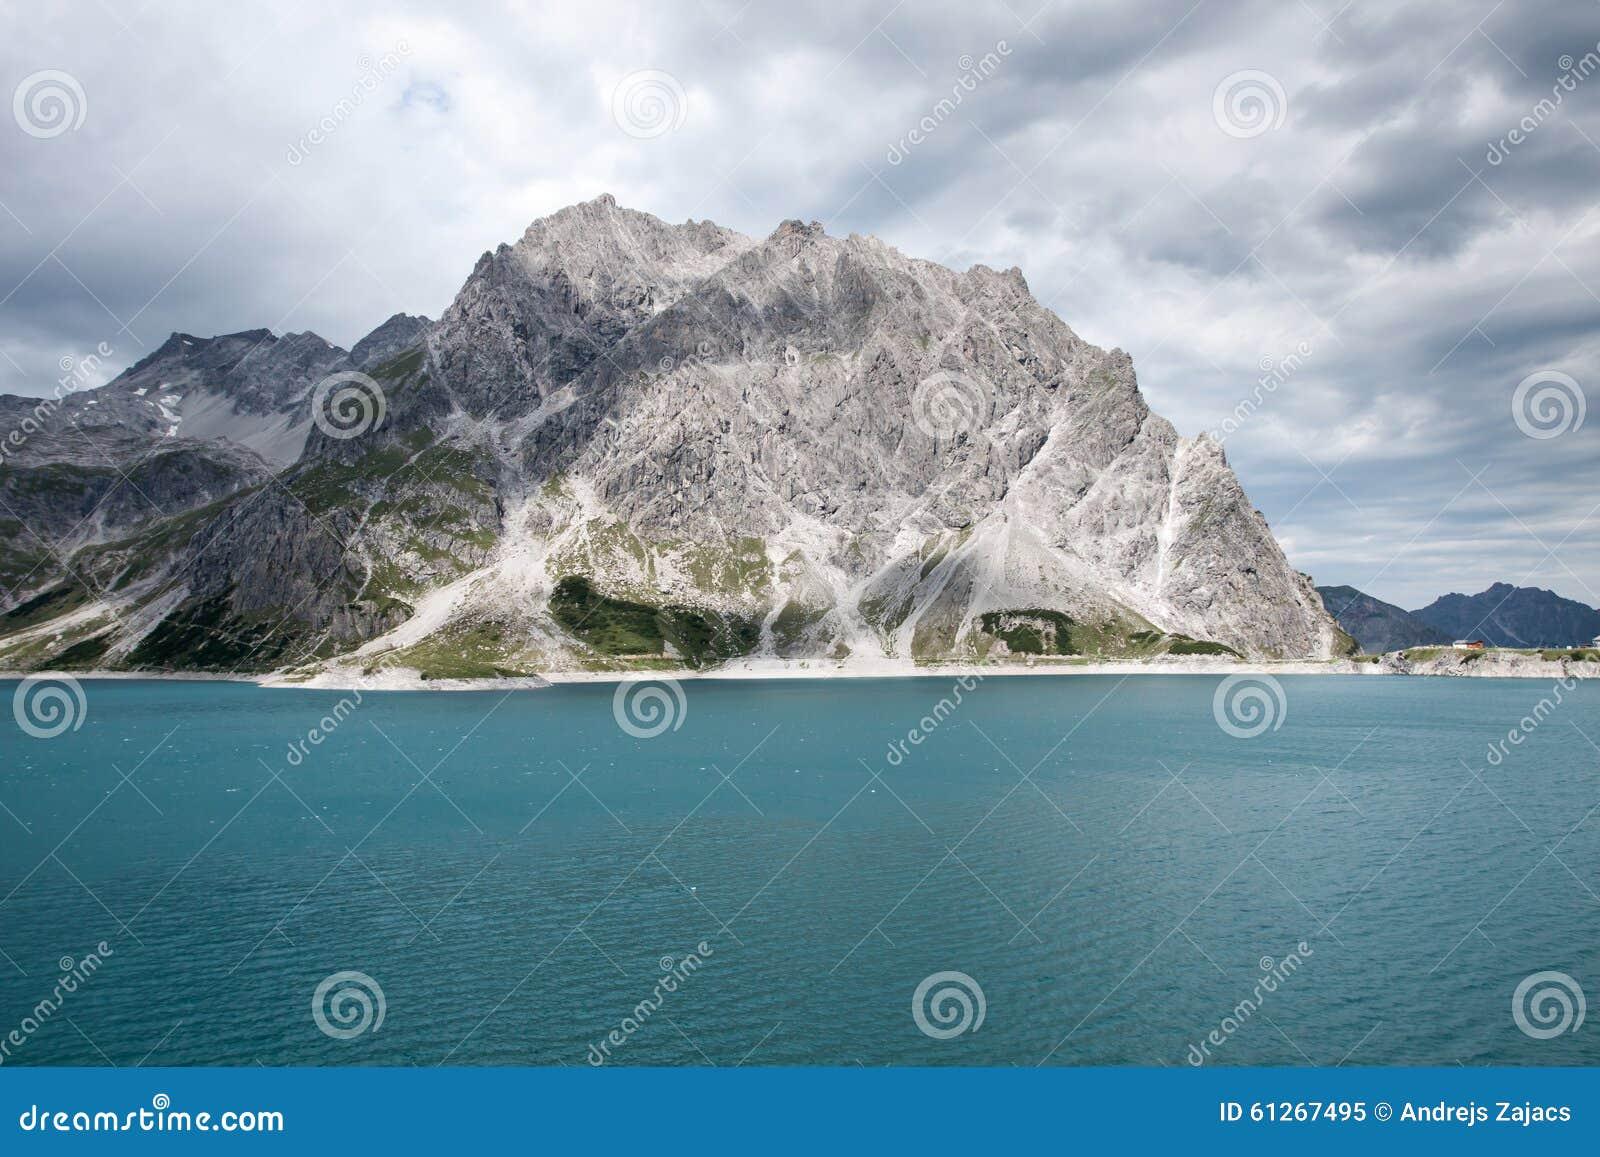 Montañas y lago verdes, Austria